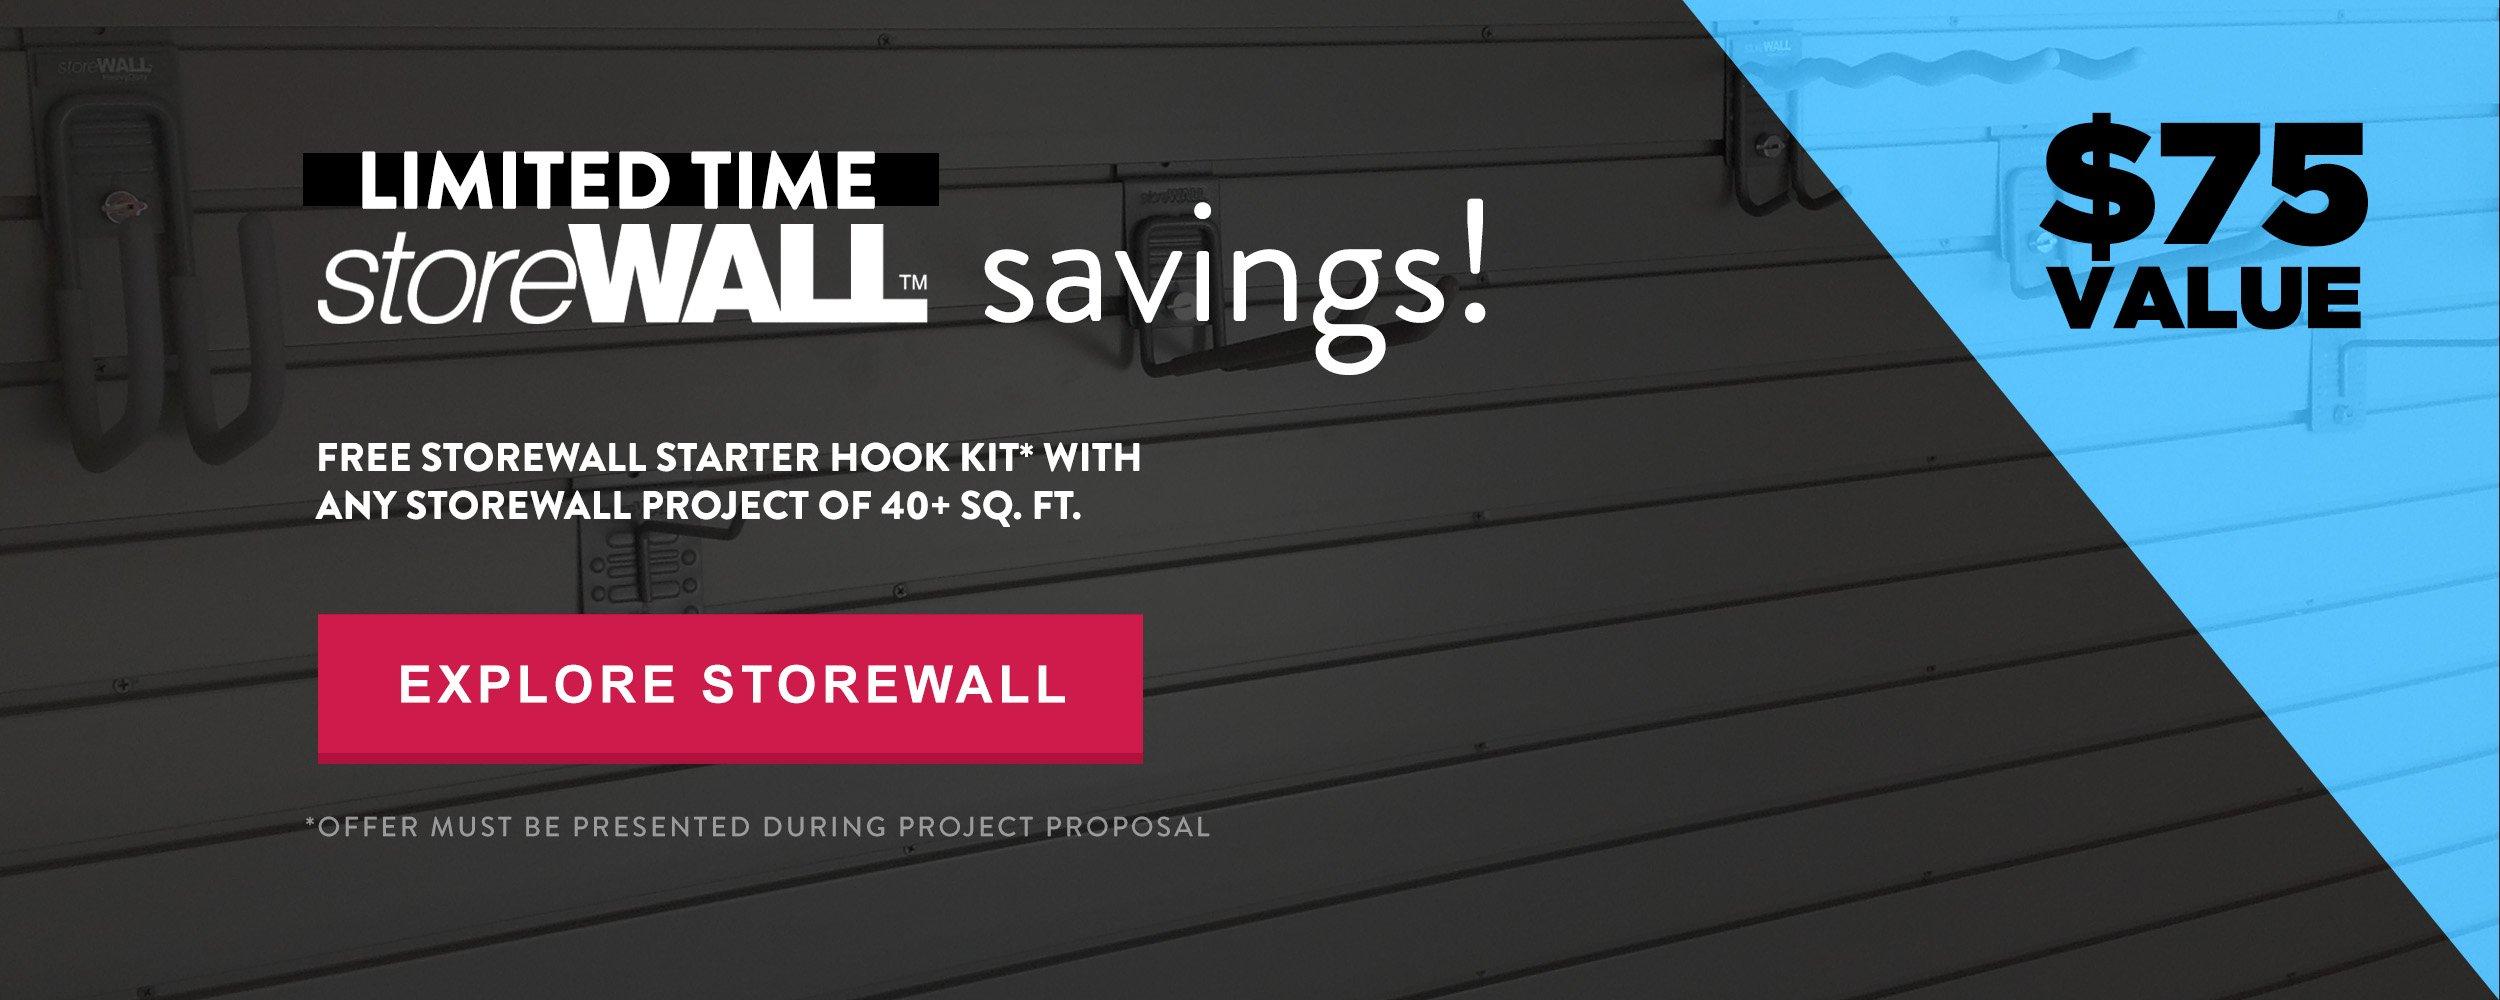 StoreWALL Savings